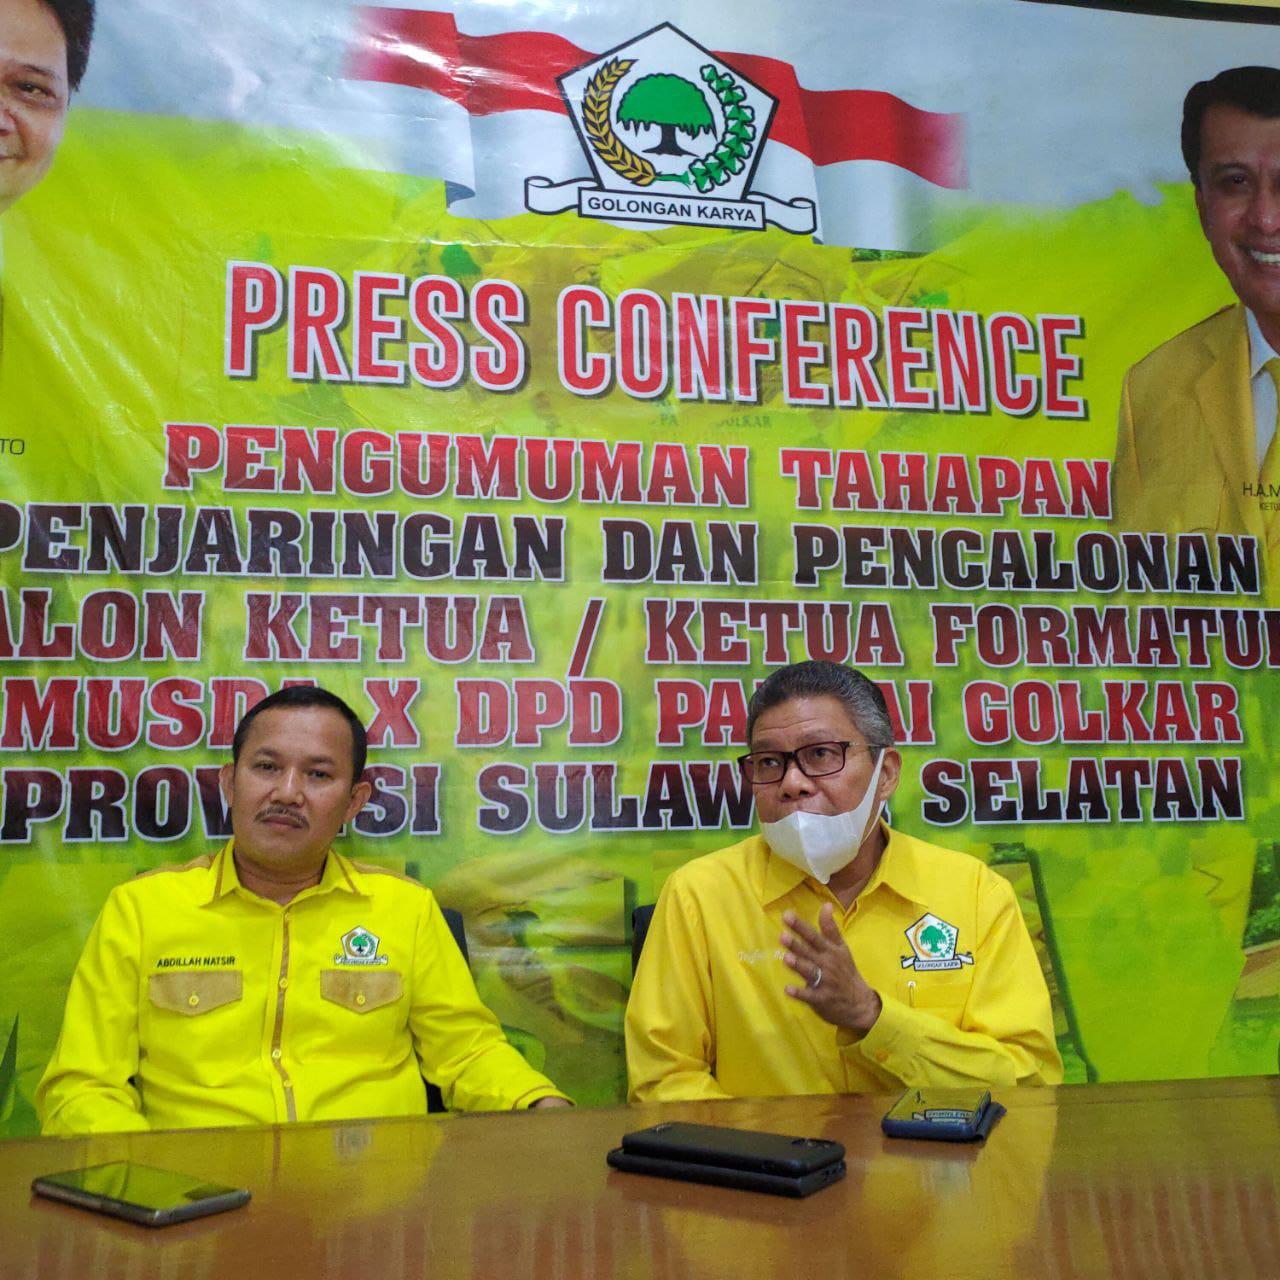 Taufan Pawe, Semakin Diperhitungkan Pada Bursa Balon Ketua Golkar SulSel. Begini Konsepnya…